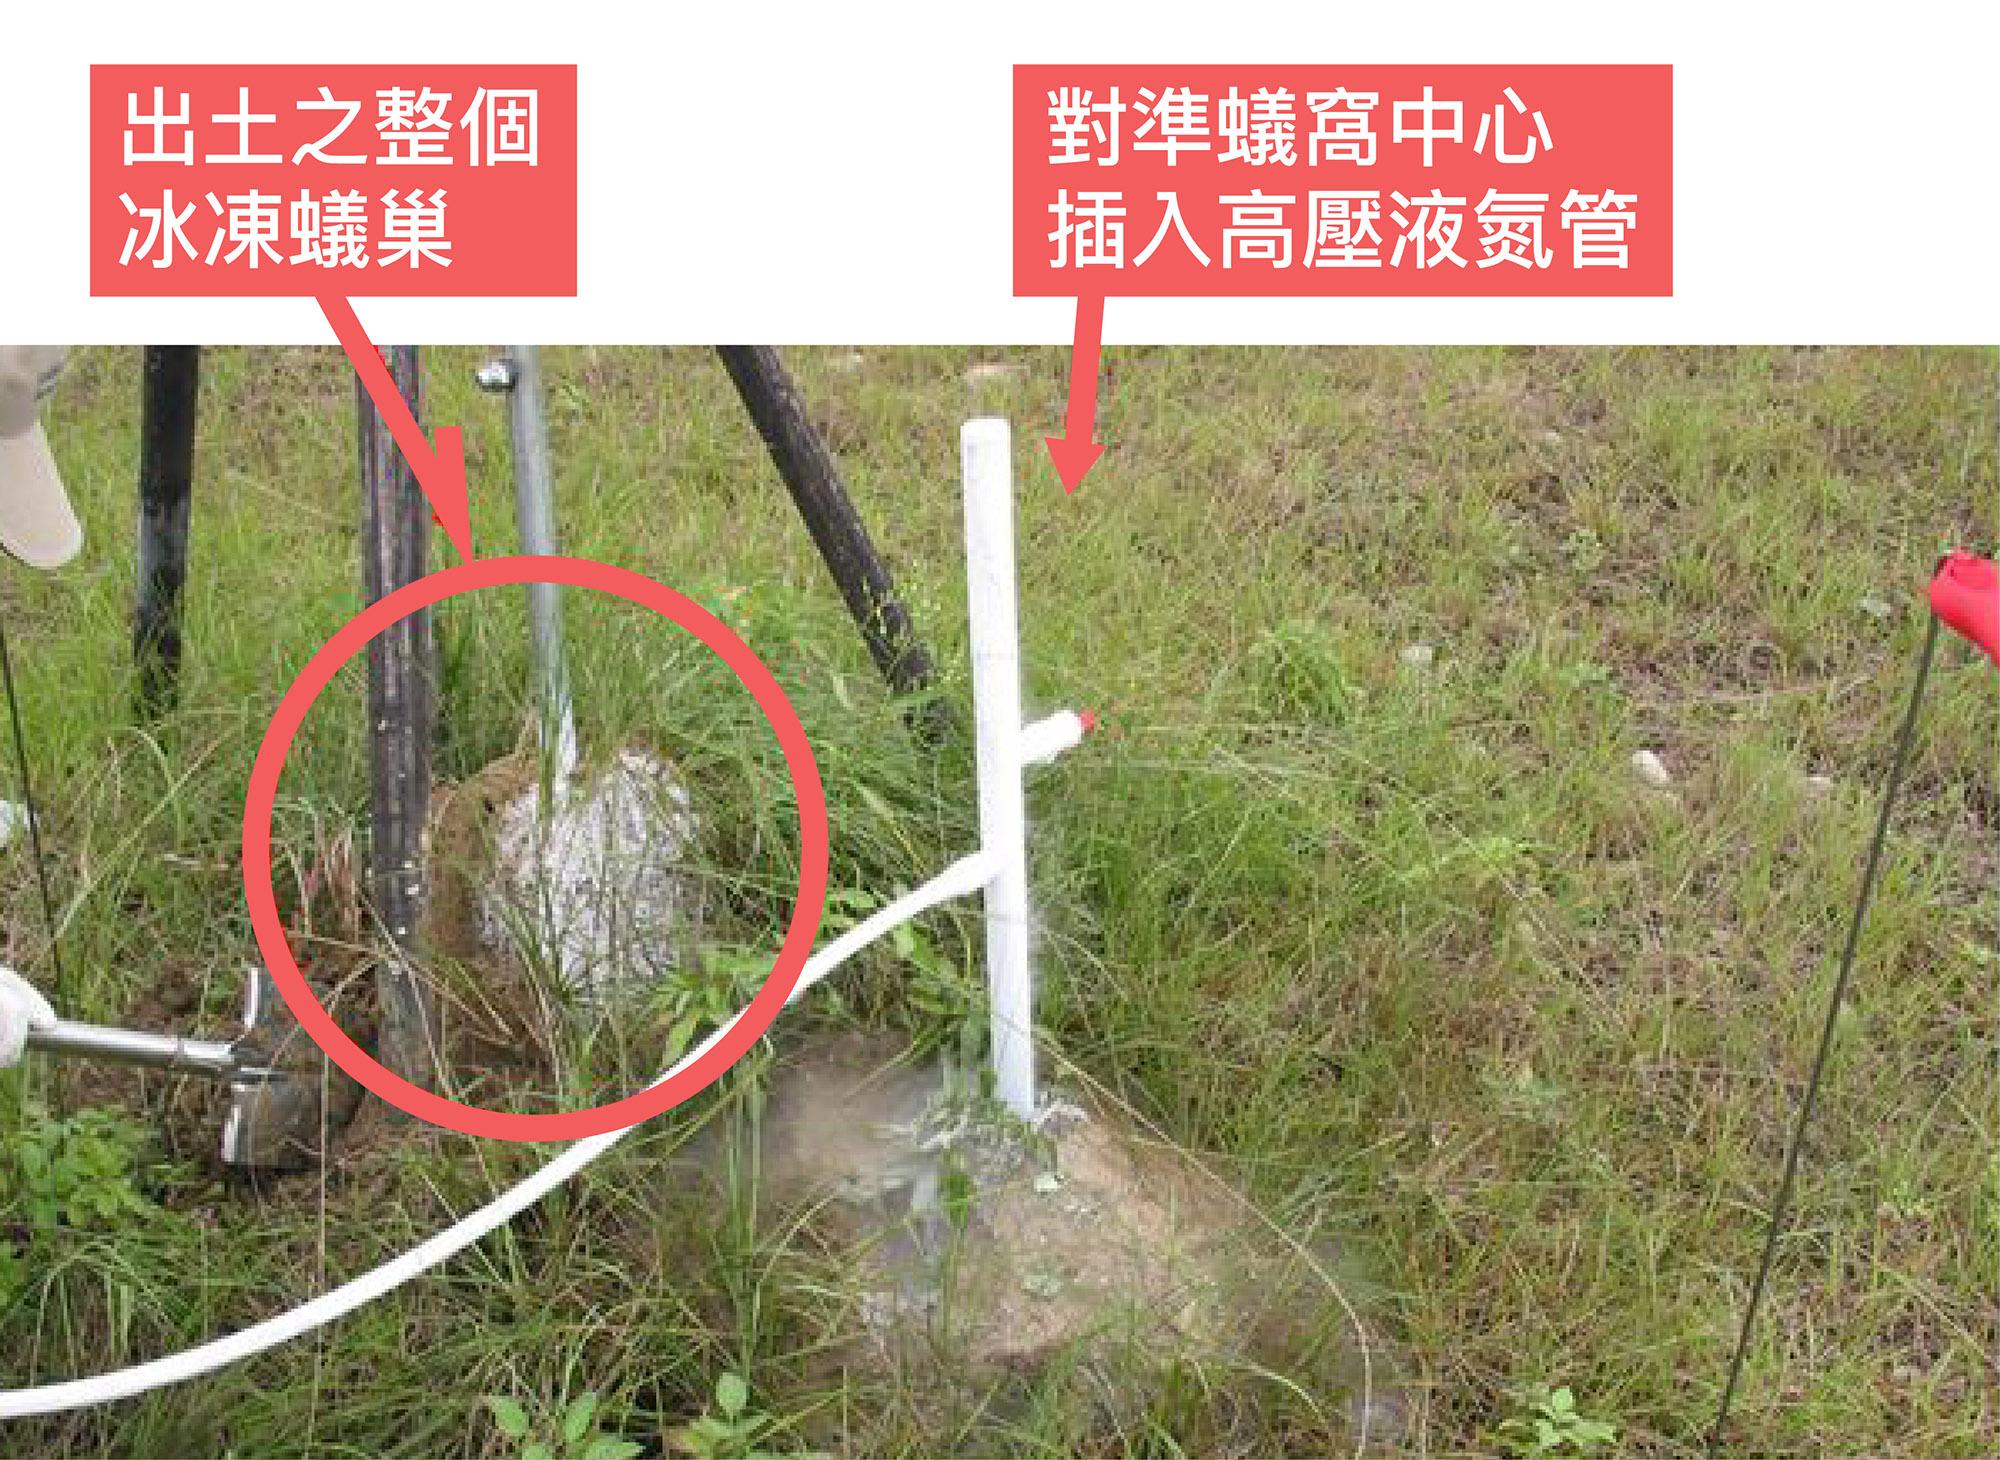 利用液態氮冷凍紅火蟻蟻巢。圖│研之有物(資料來源│陳洋元提供)